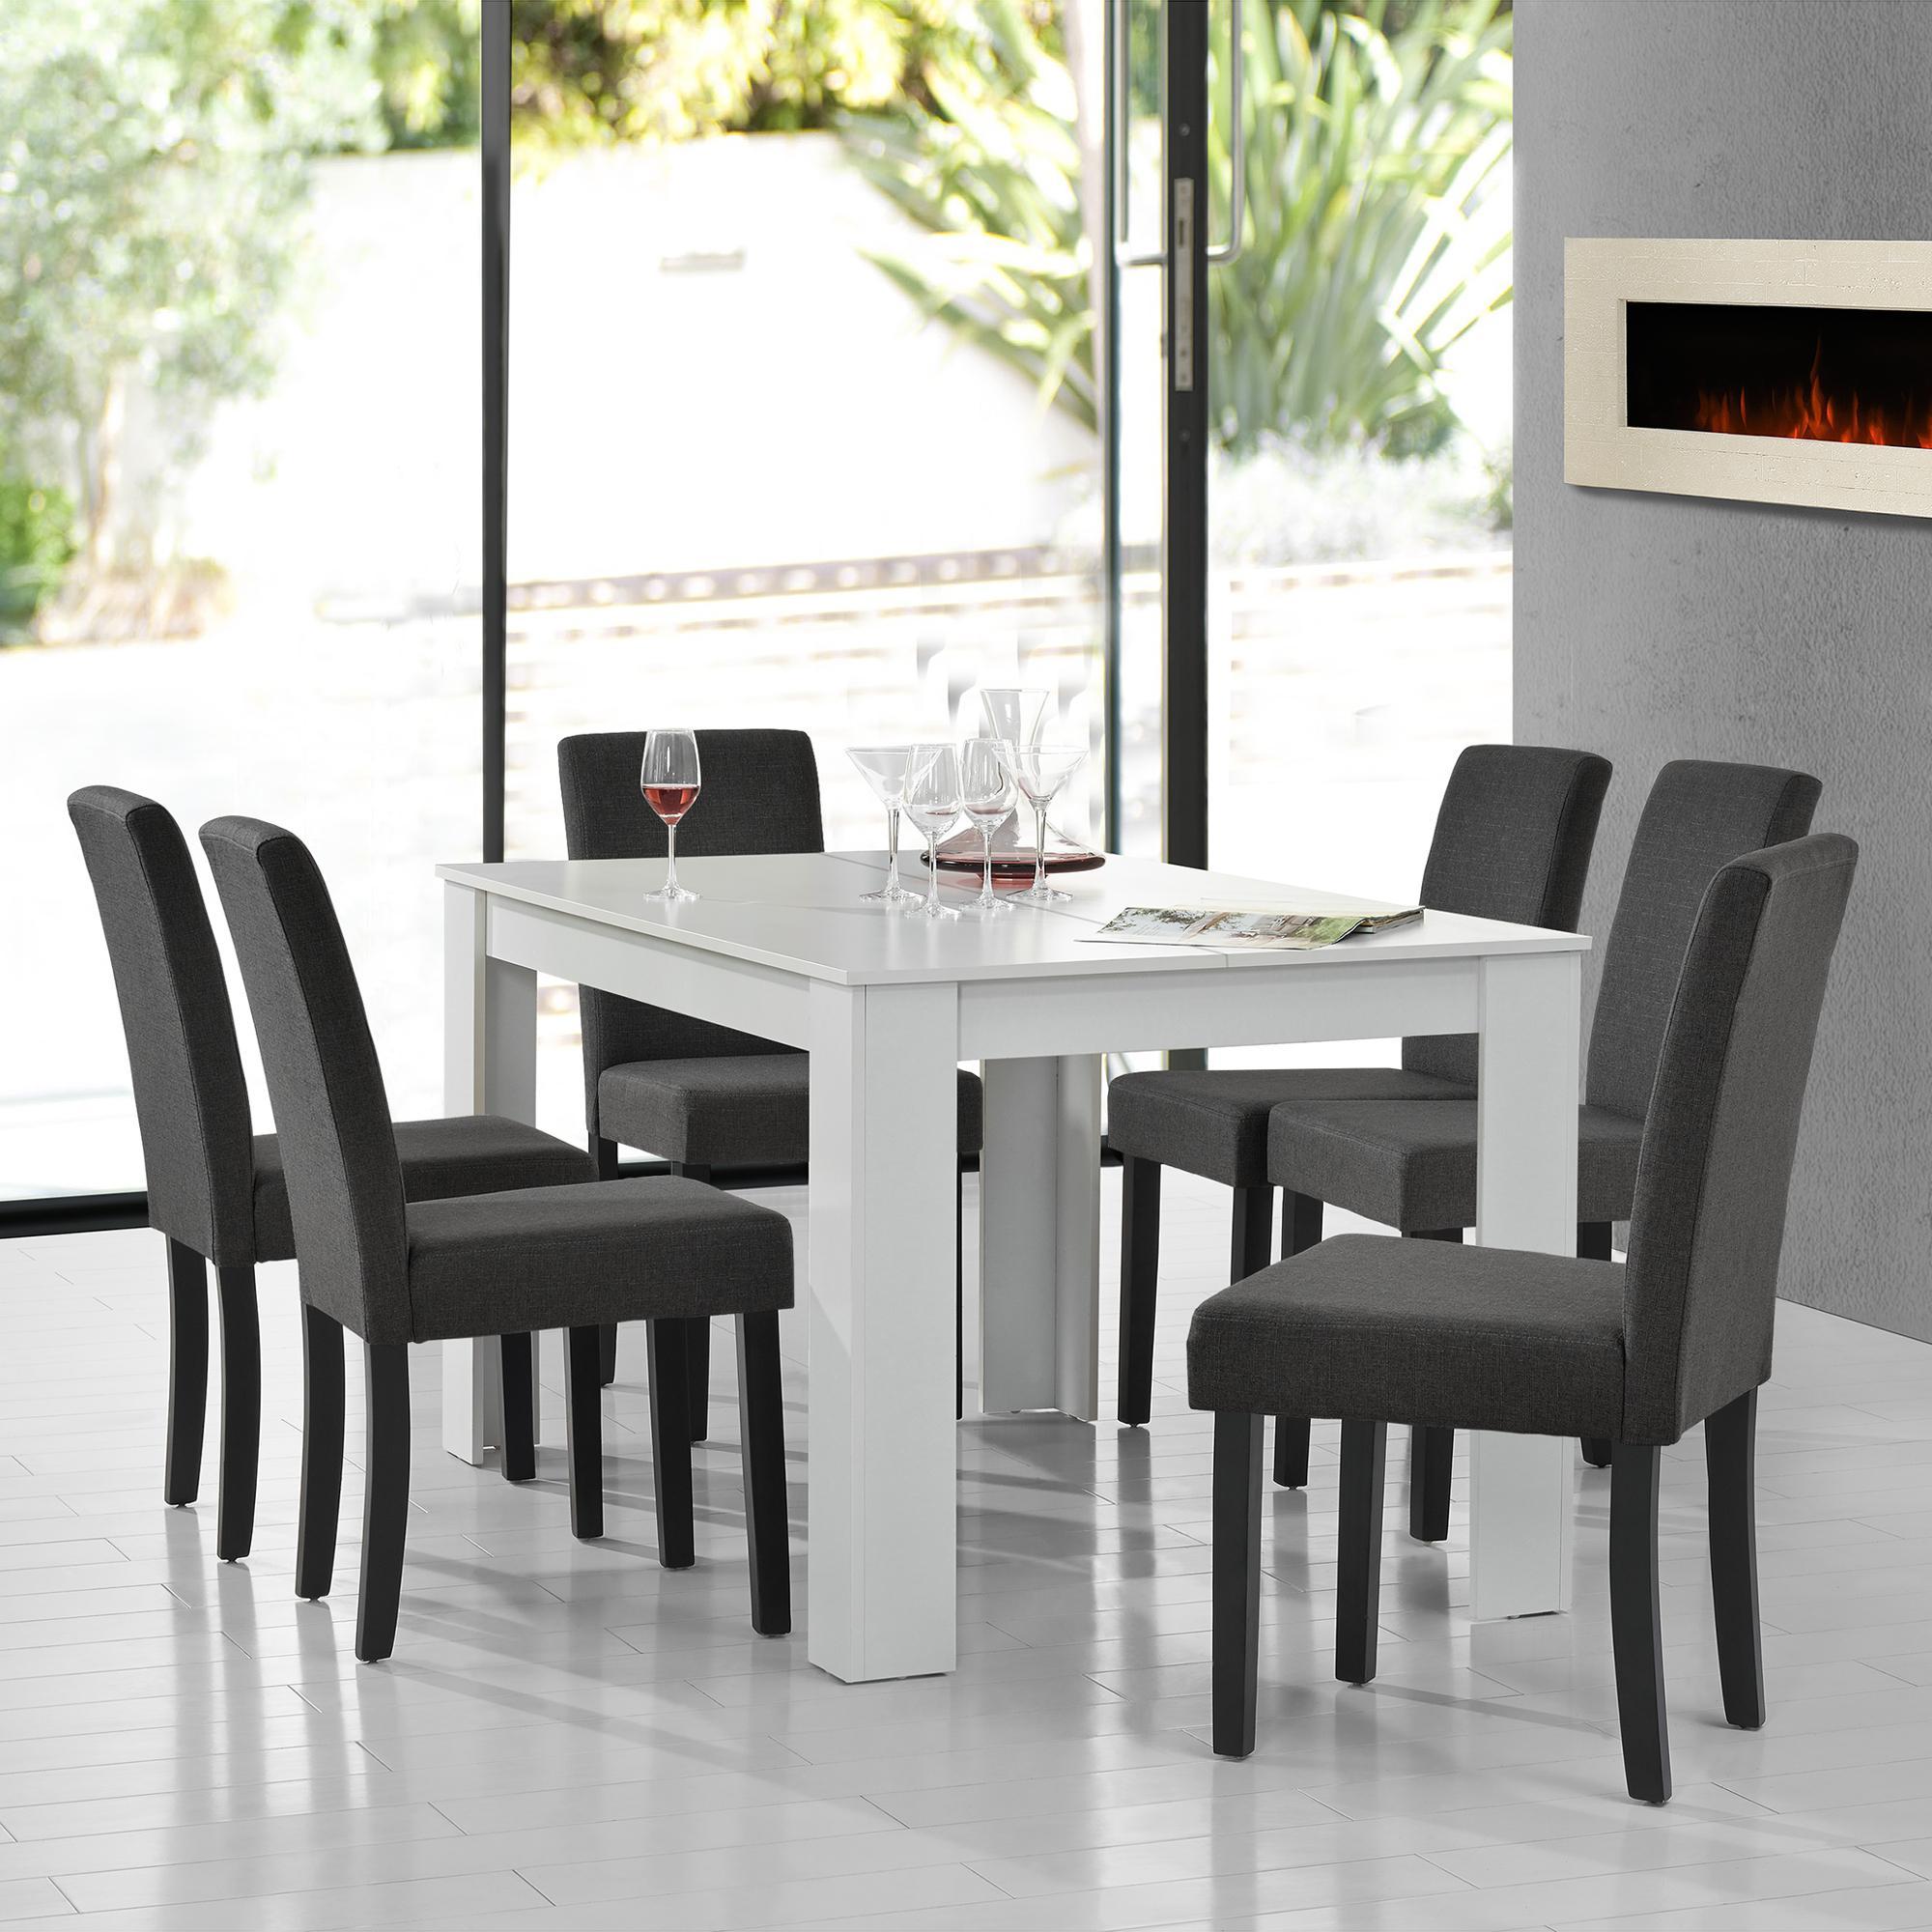 Küchentisch Mit Stühlen Grau